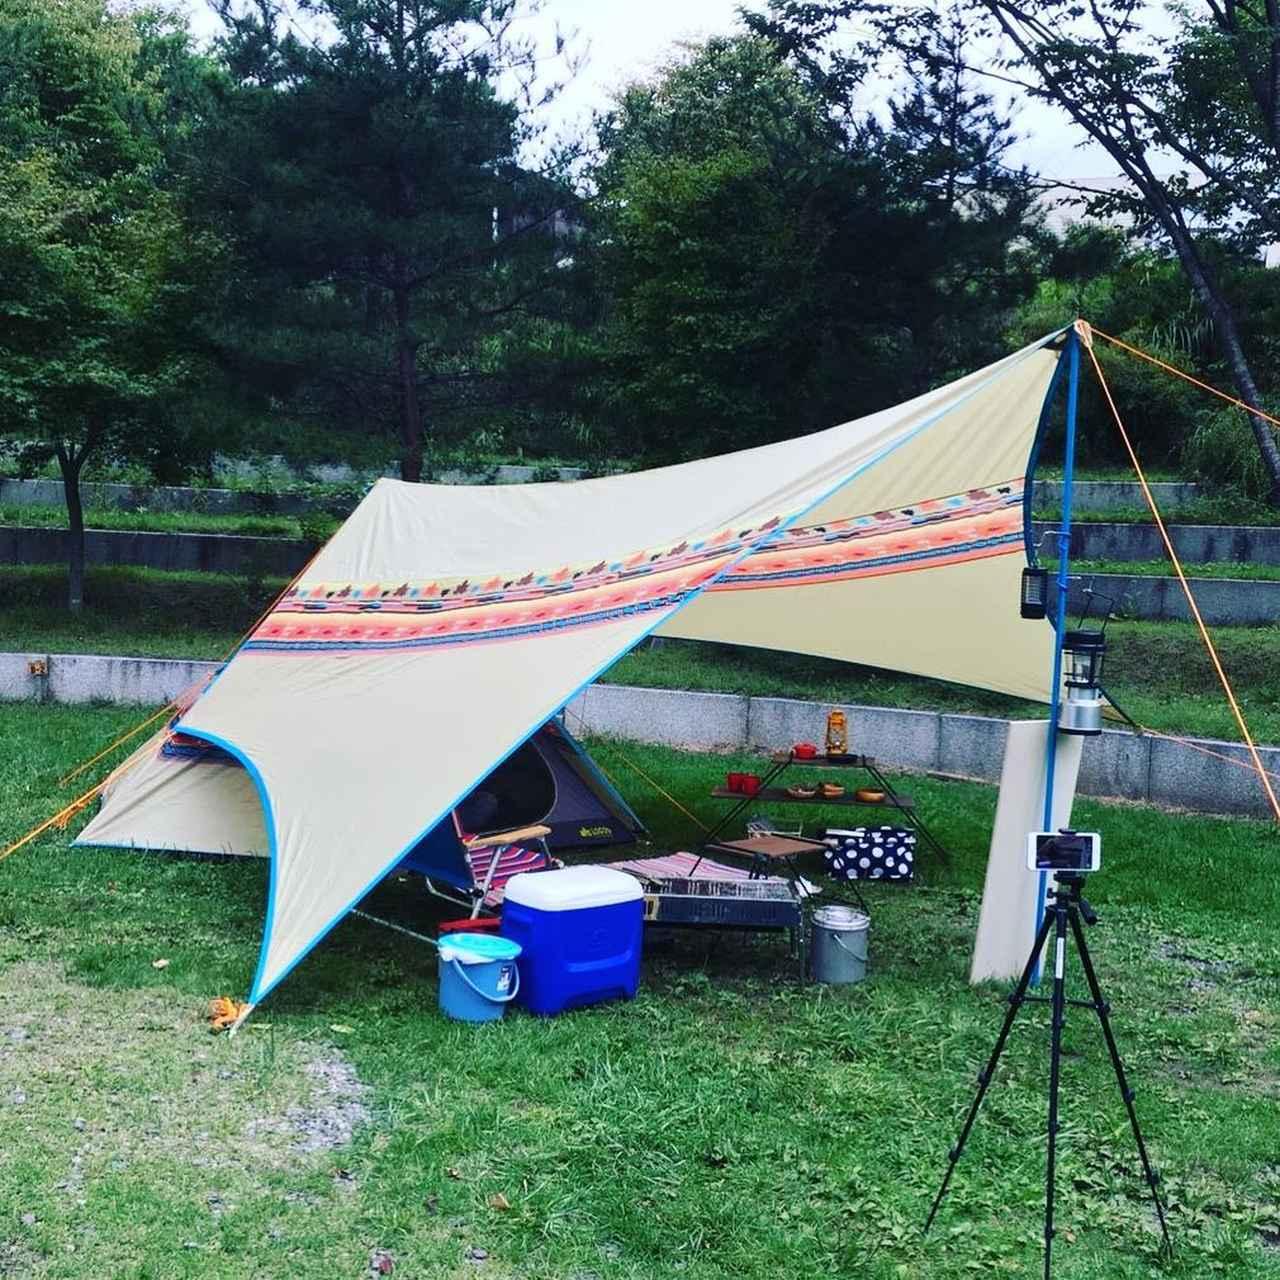 画像: タープとは? タープの種類とテント横への配置方法 キャンプ初心者の疑問解決 - ハピキャン キャンプ・アウトドア情報メディア